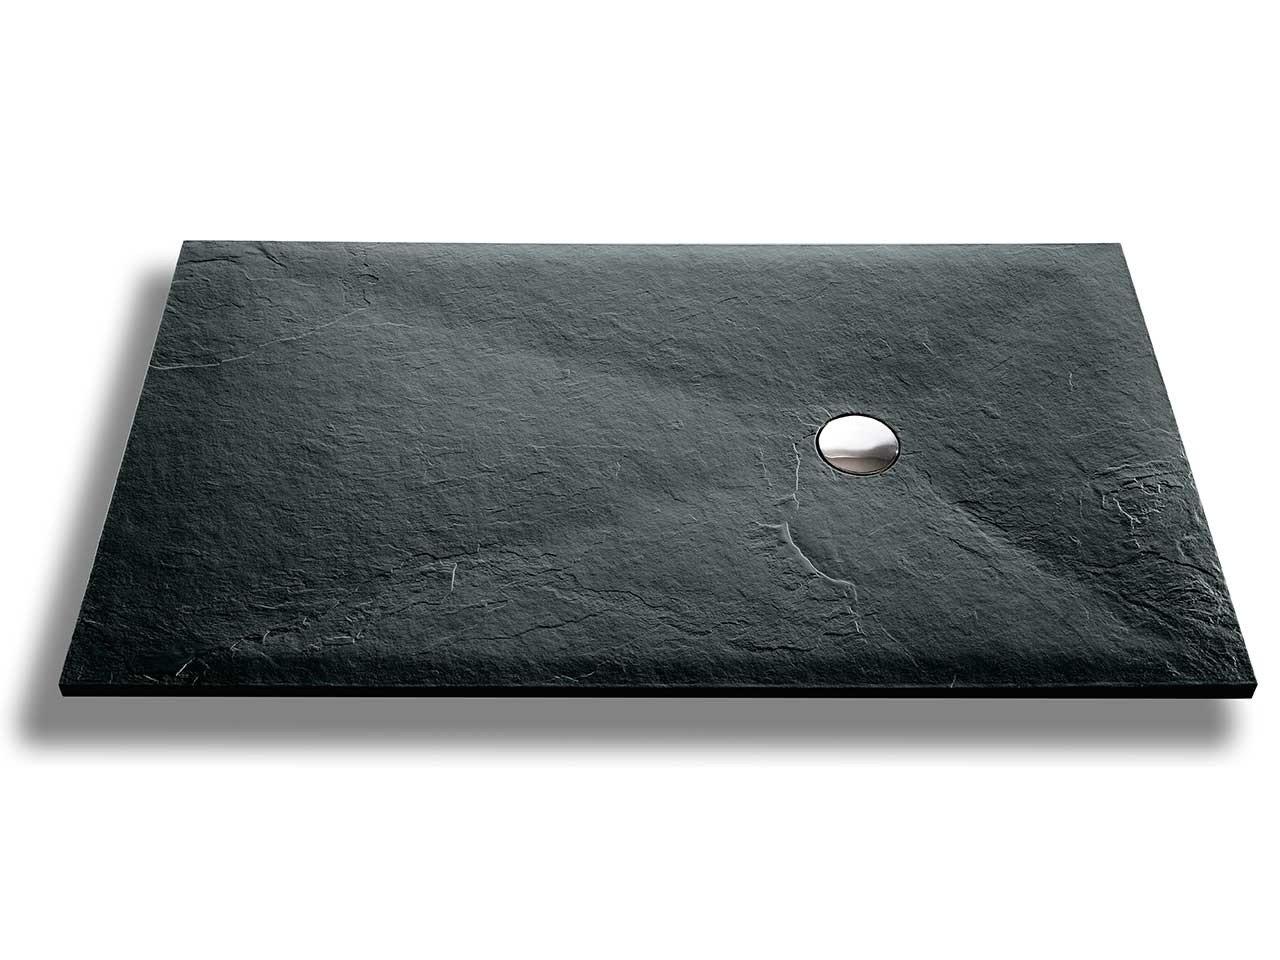 Piatti doccia resina prezzi decora la tua vita for Tavolo esterno 70x100